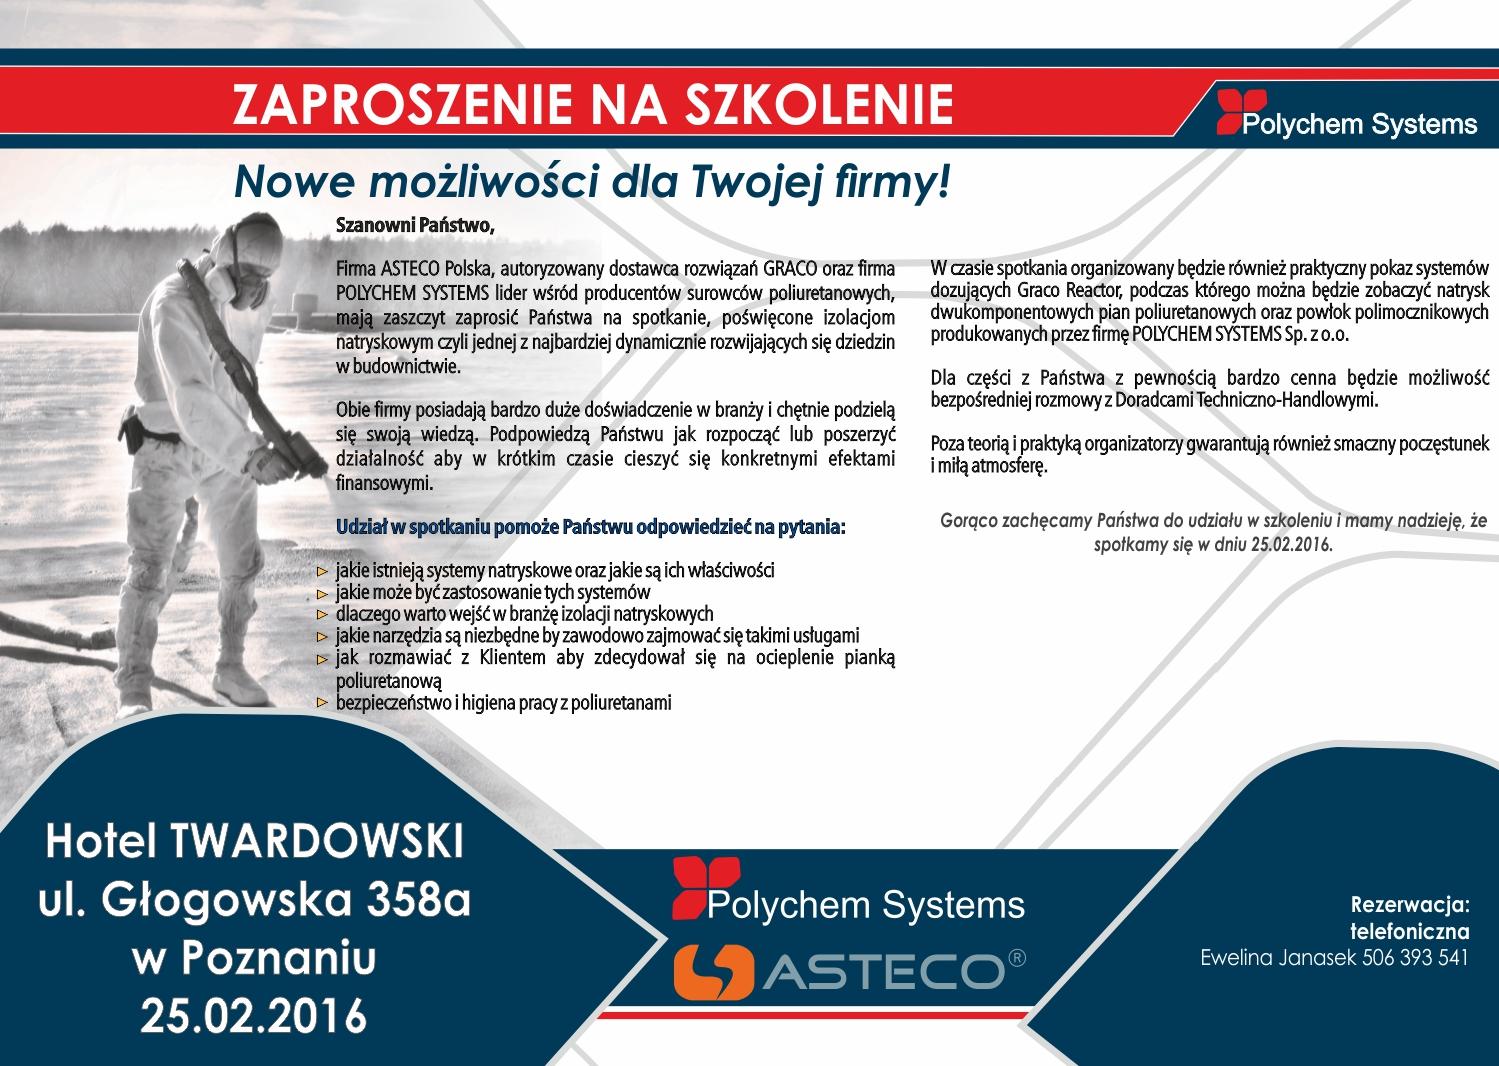 Polychem Systems Sp. z o.o. zaprasza na szkolenie